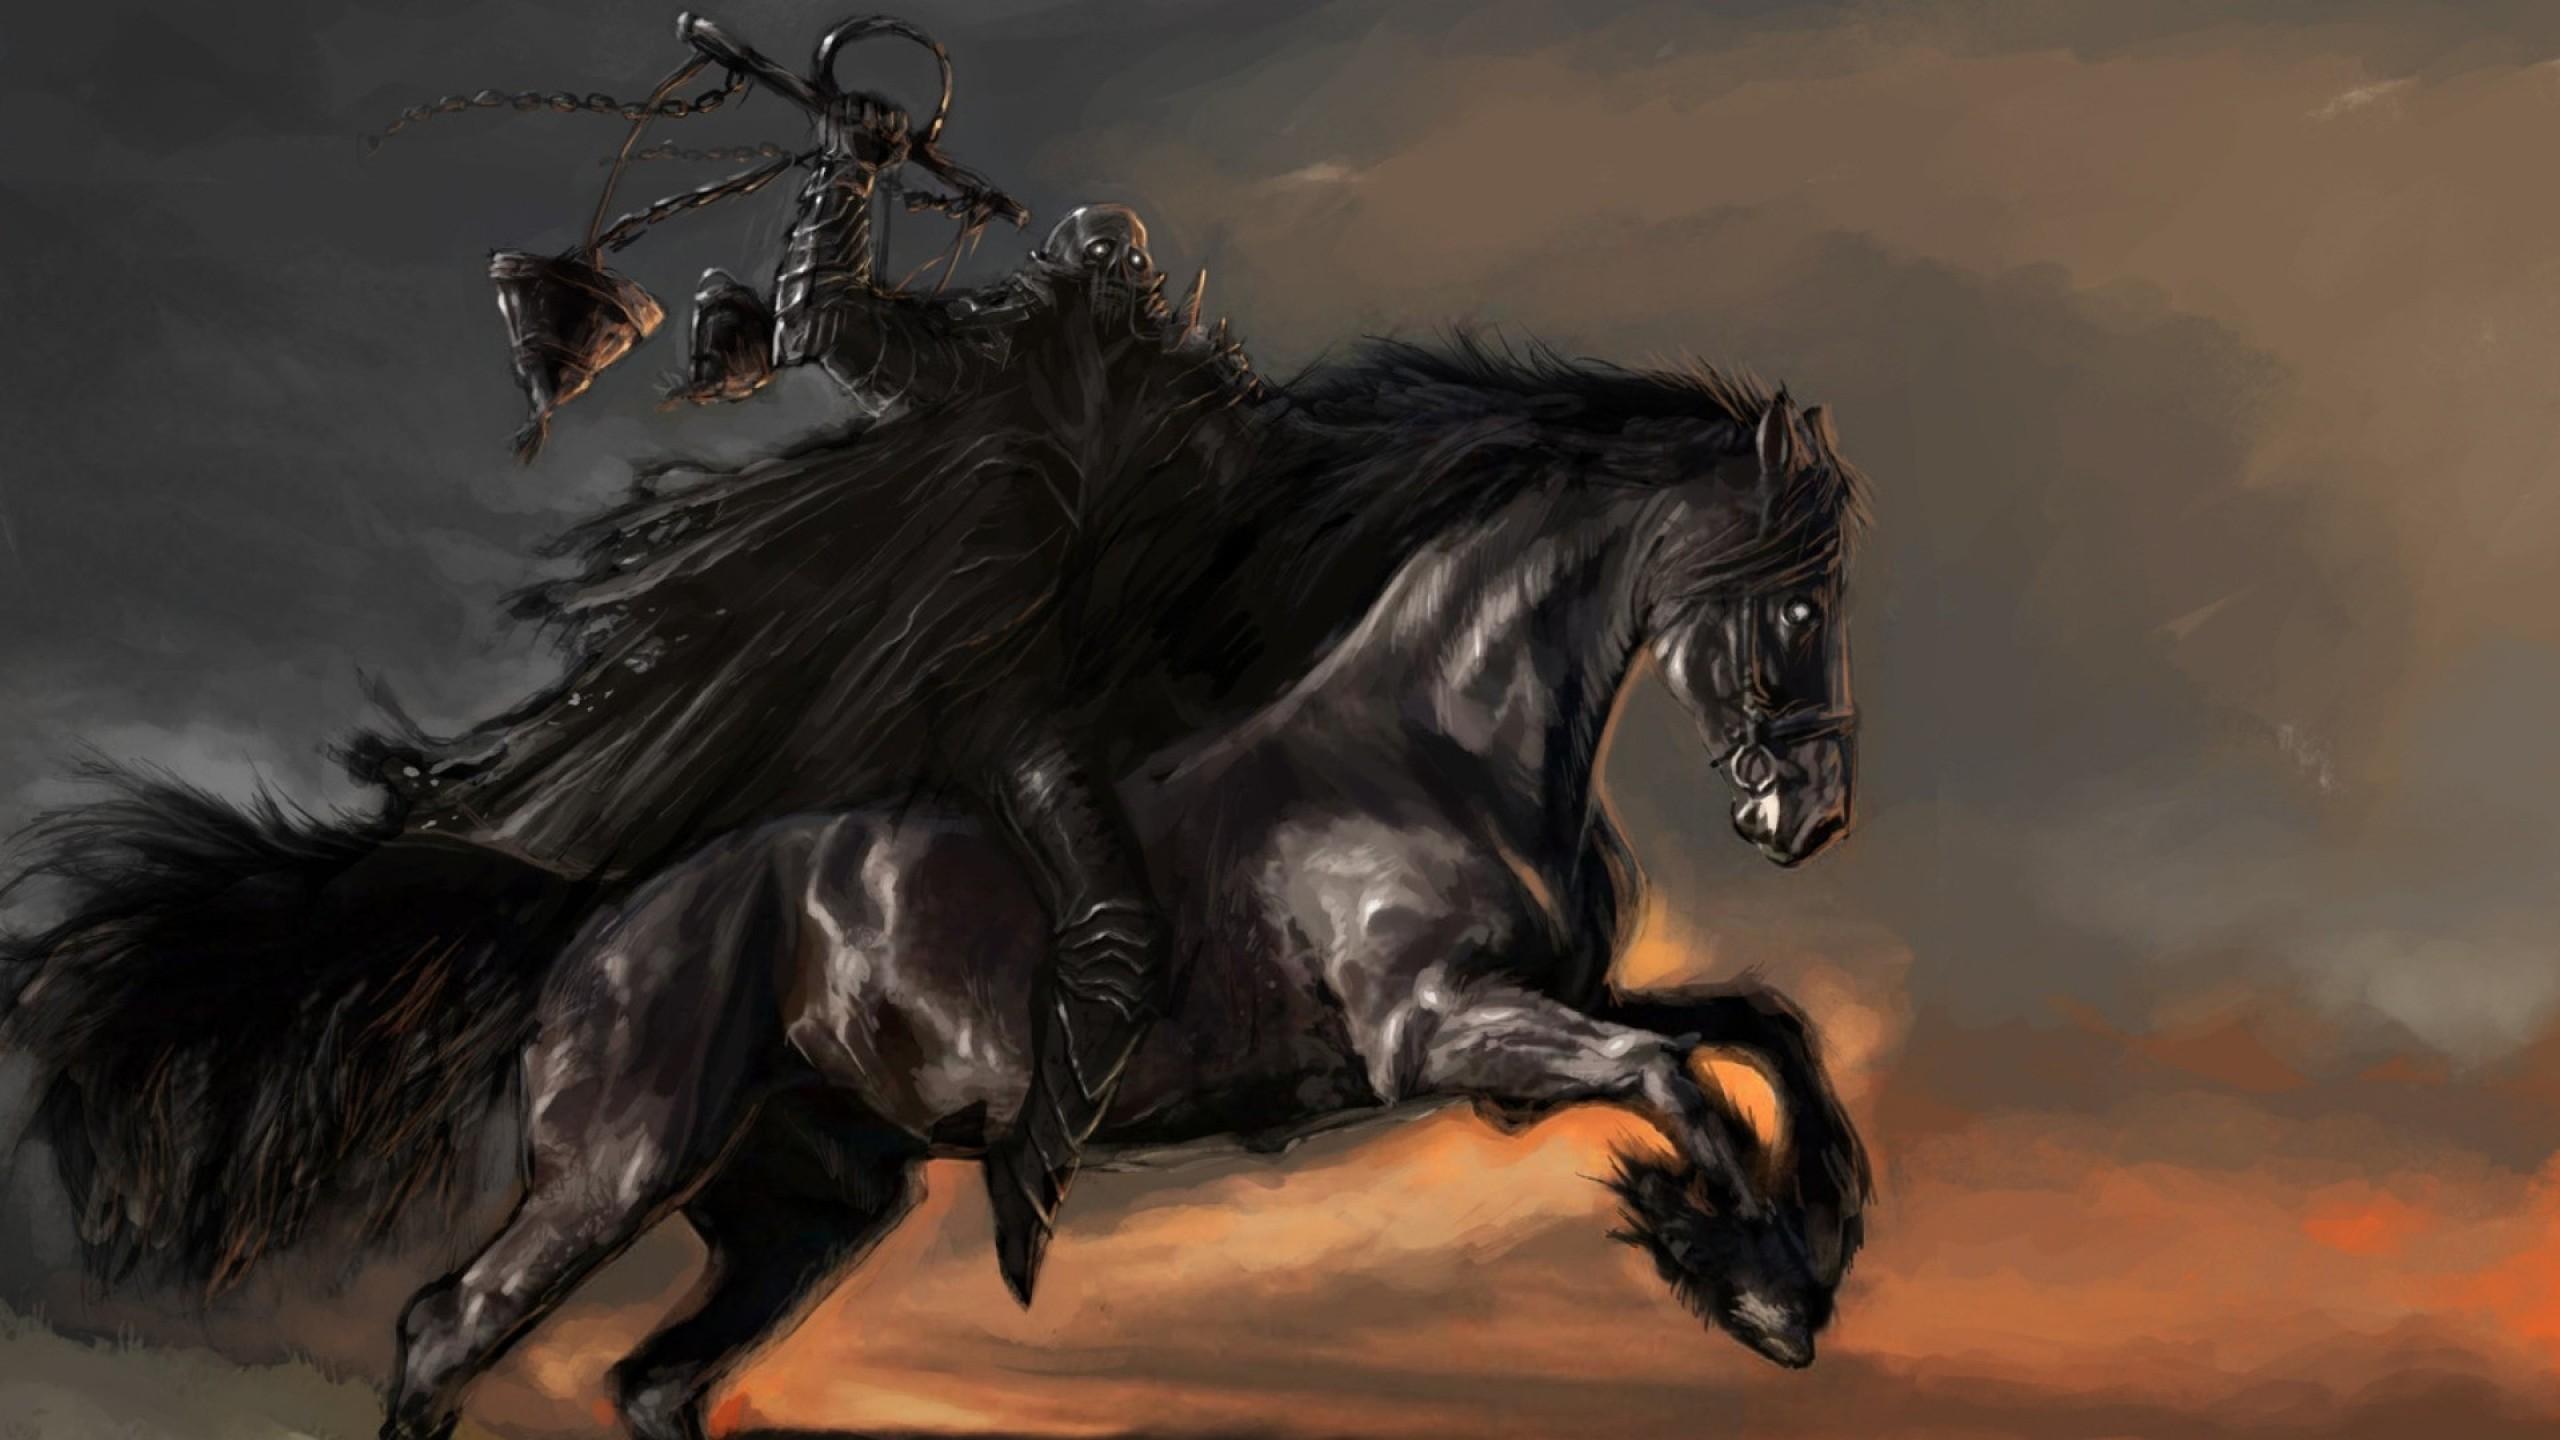 berserk fantasy art skull knight 1920×1080 wallpaper Art HD Wallpaper